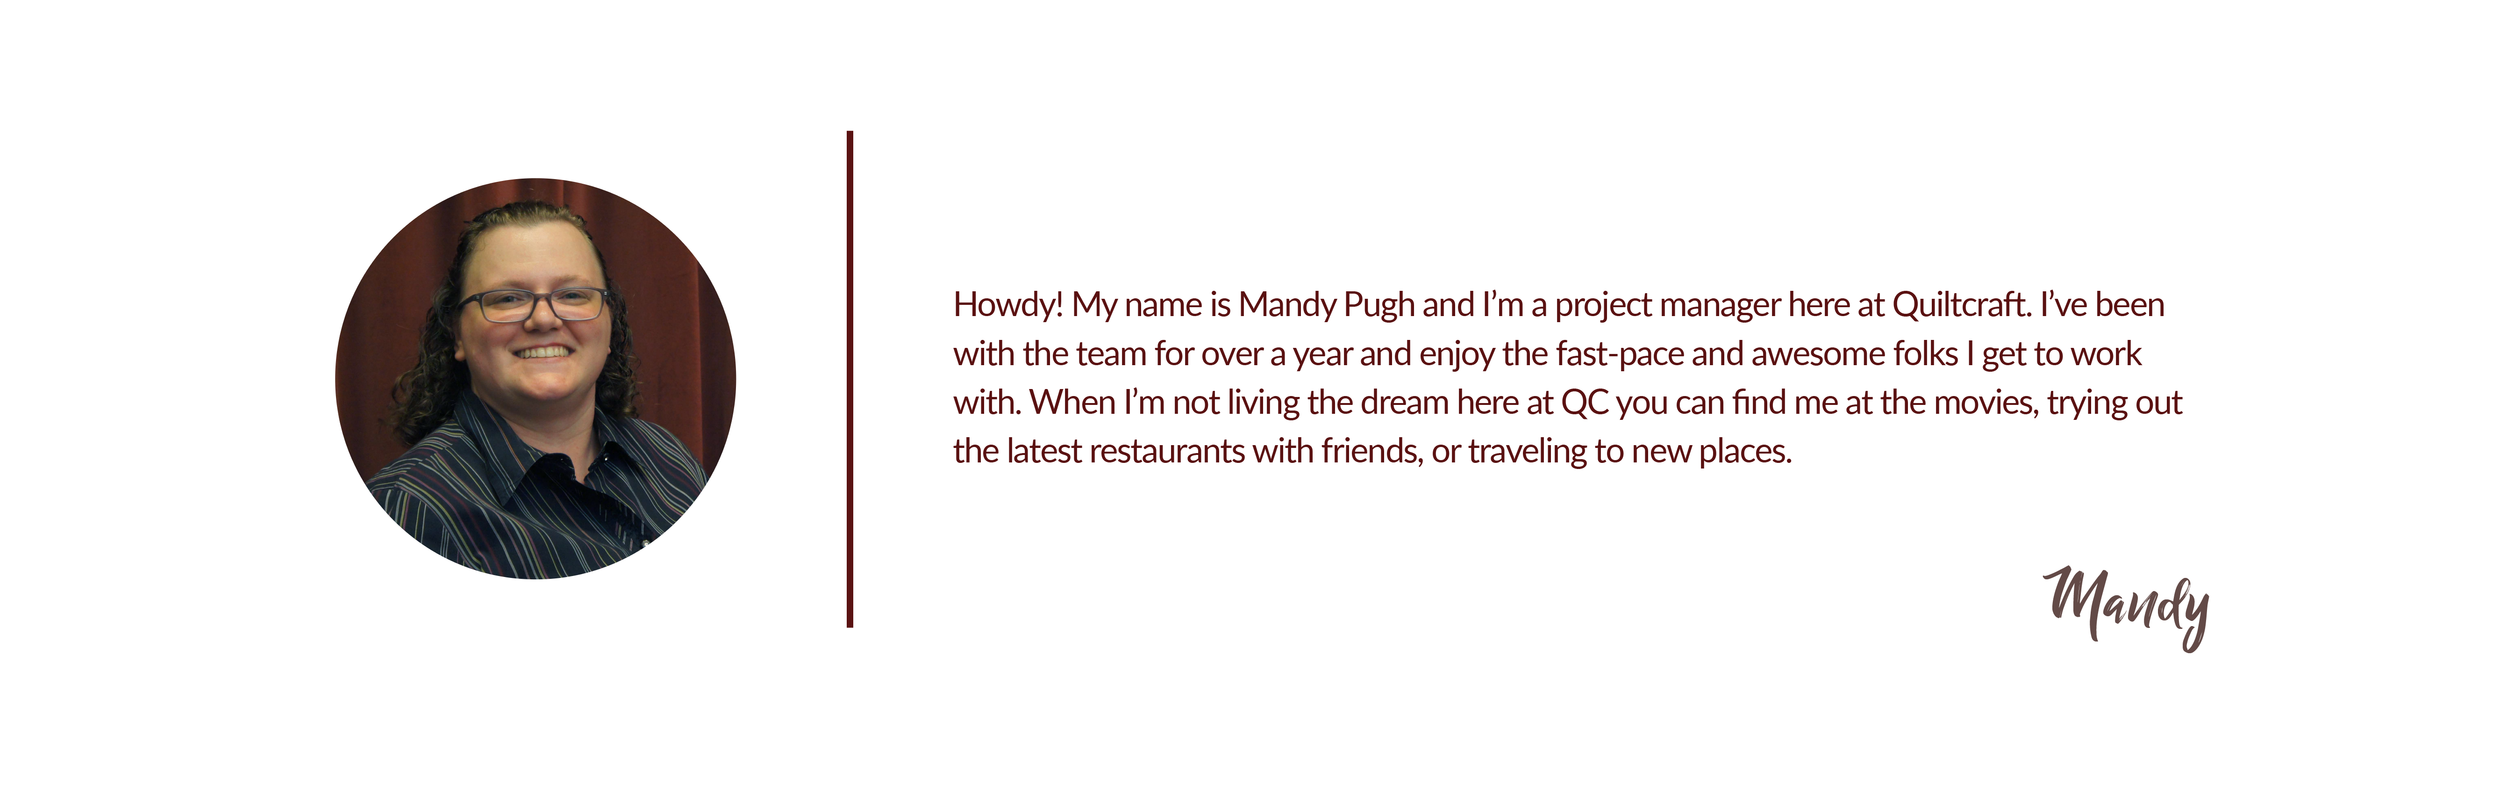 Mandy Pugh